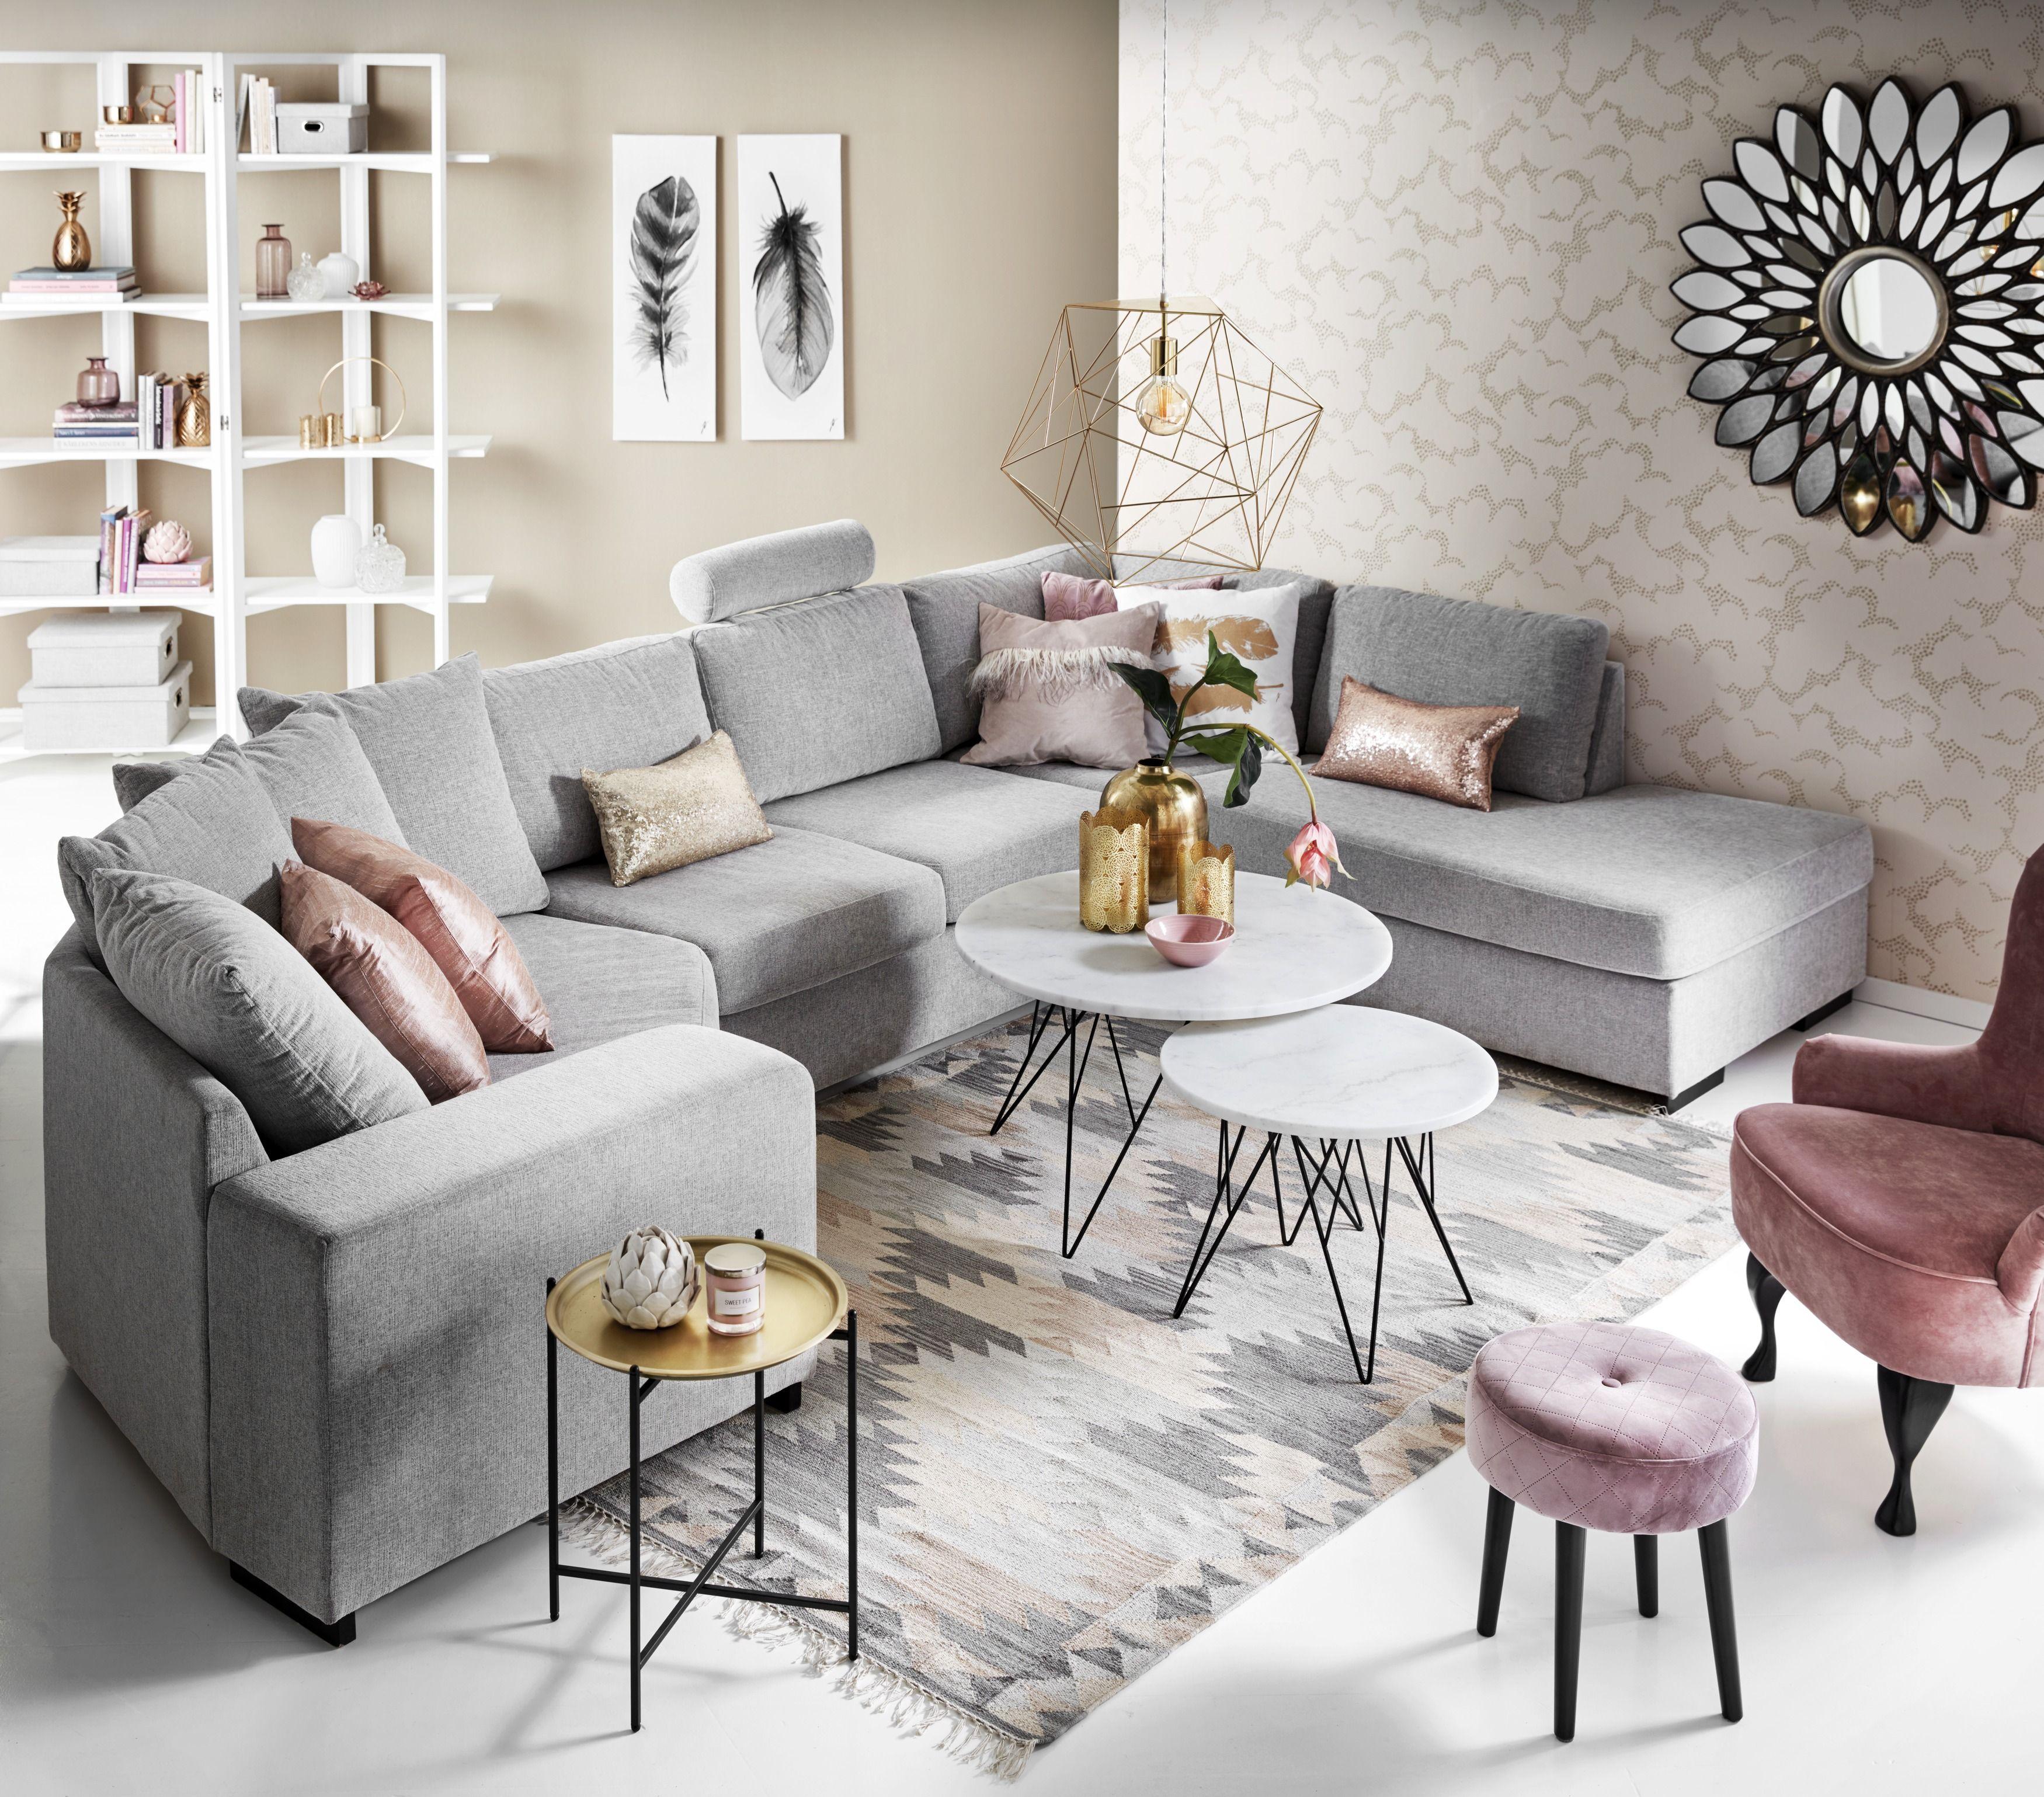 Chicago soffa från Mio. | Vardagsrum, Vardagsrum design